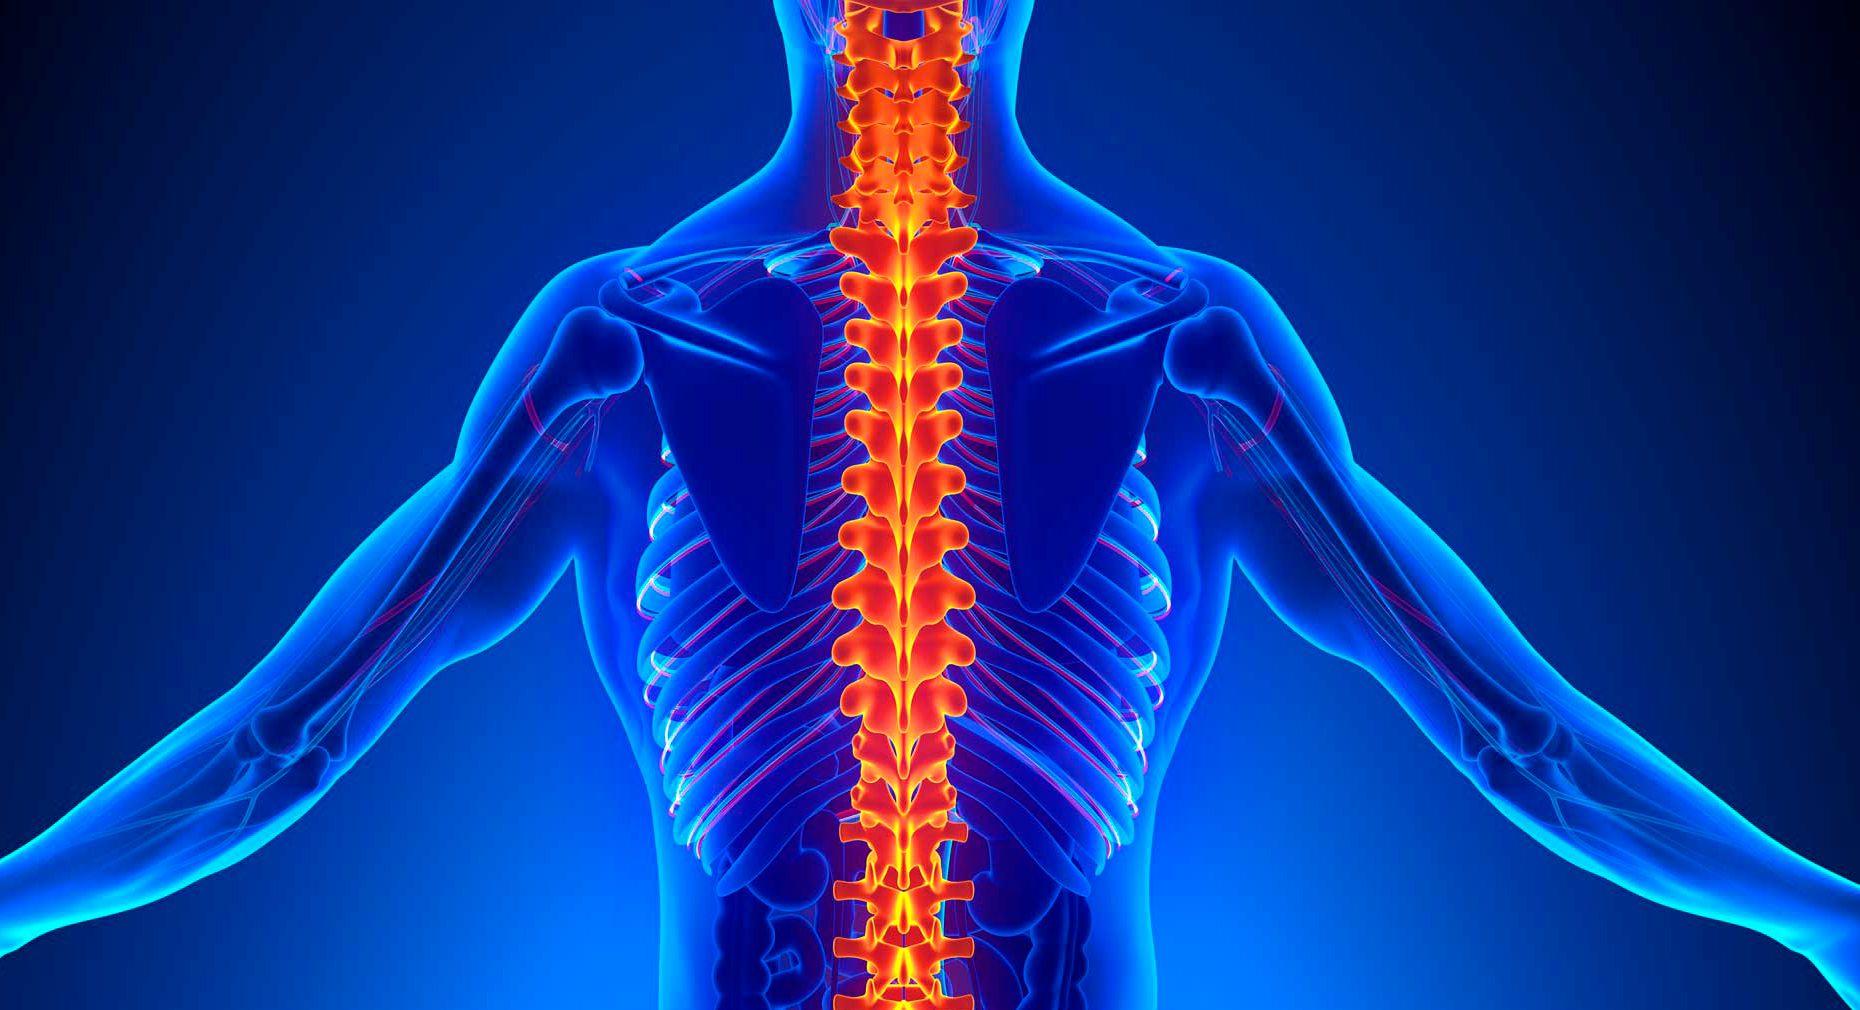 Секреты здоровых суставов и позвоночника